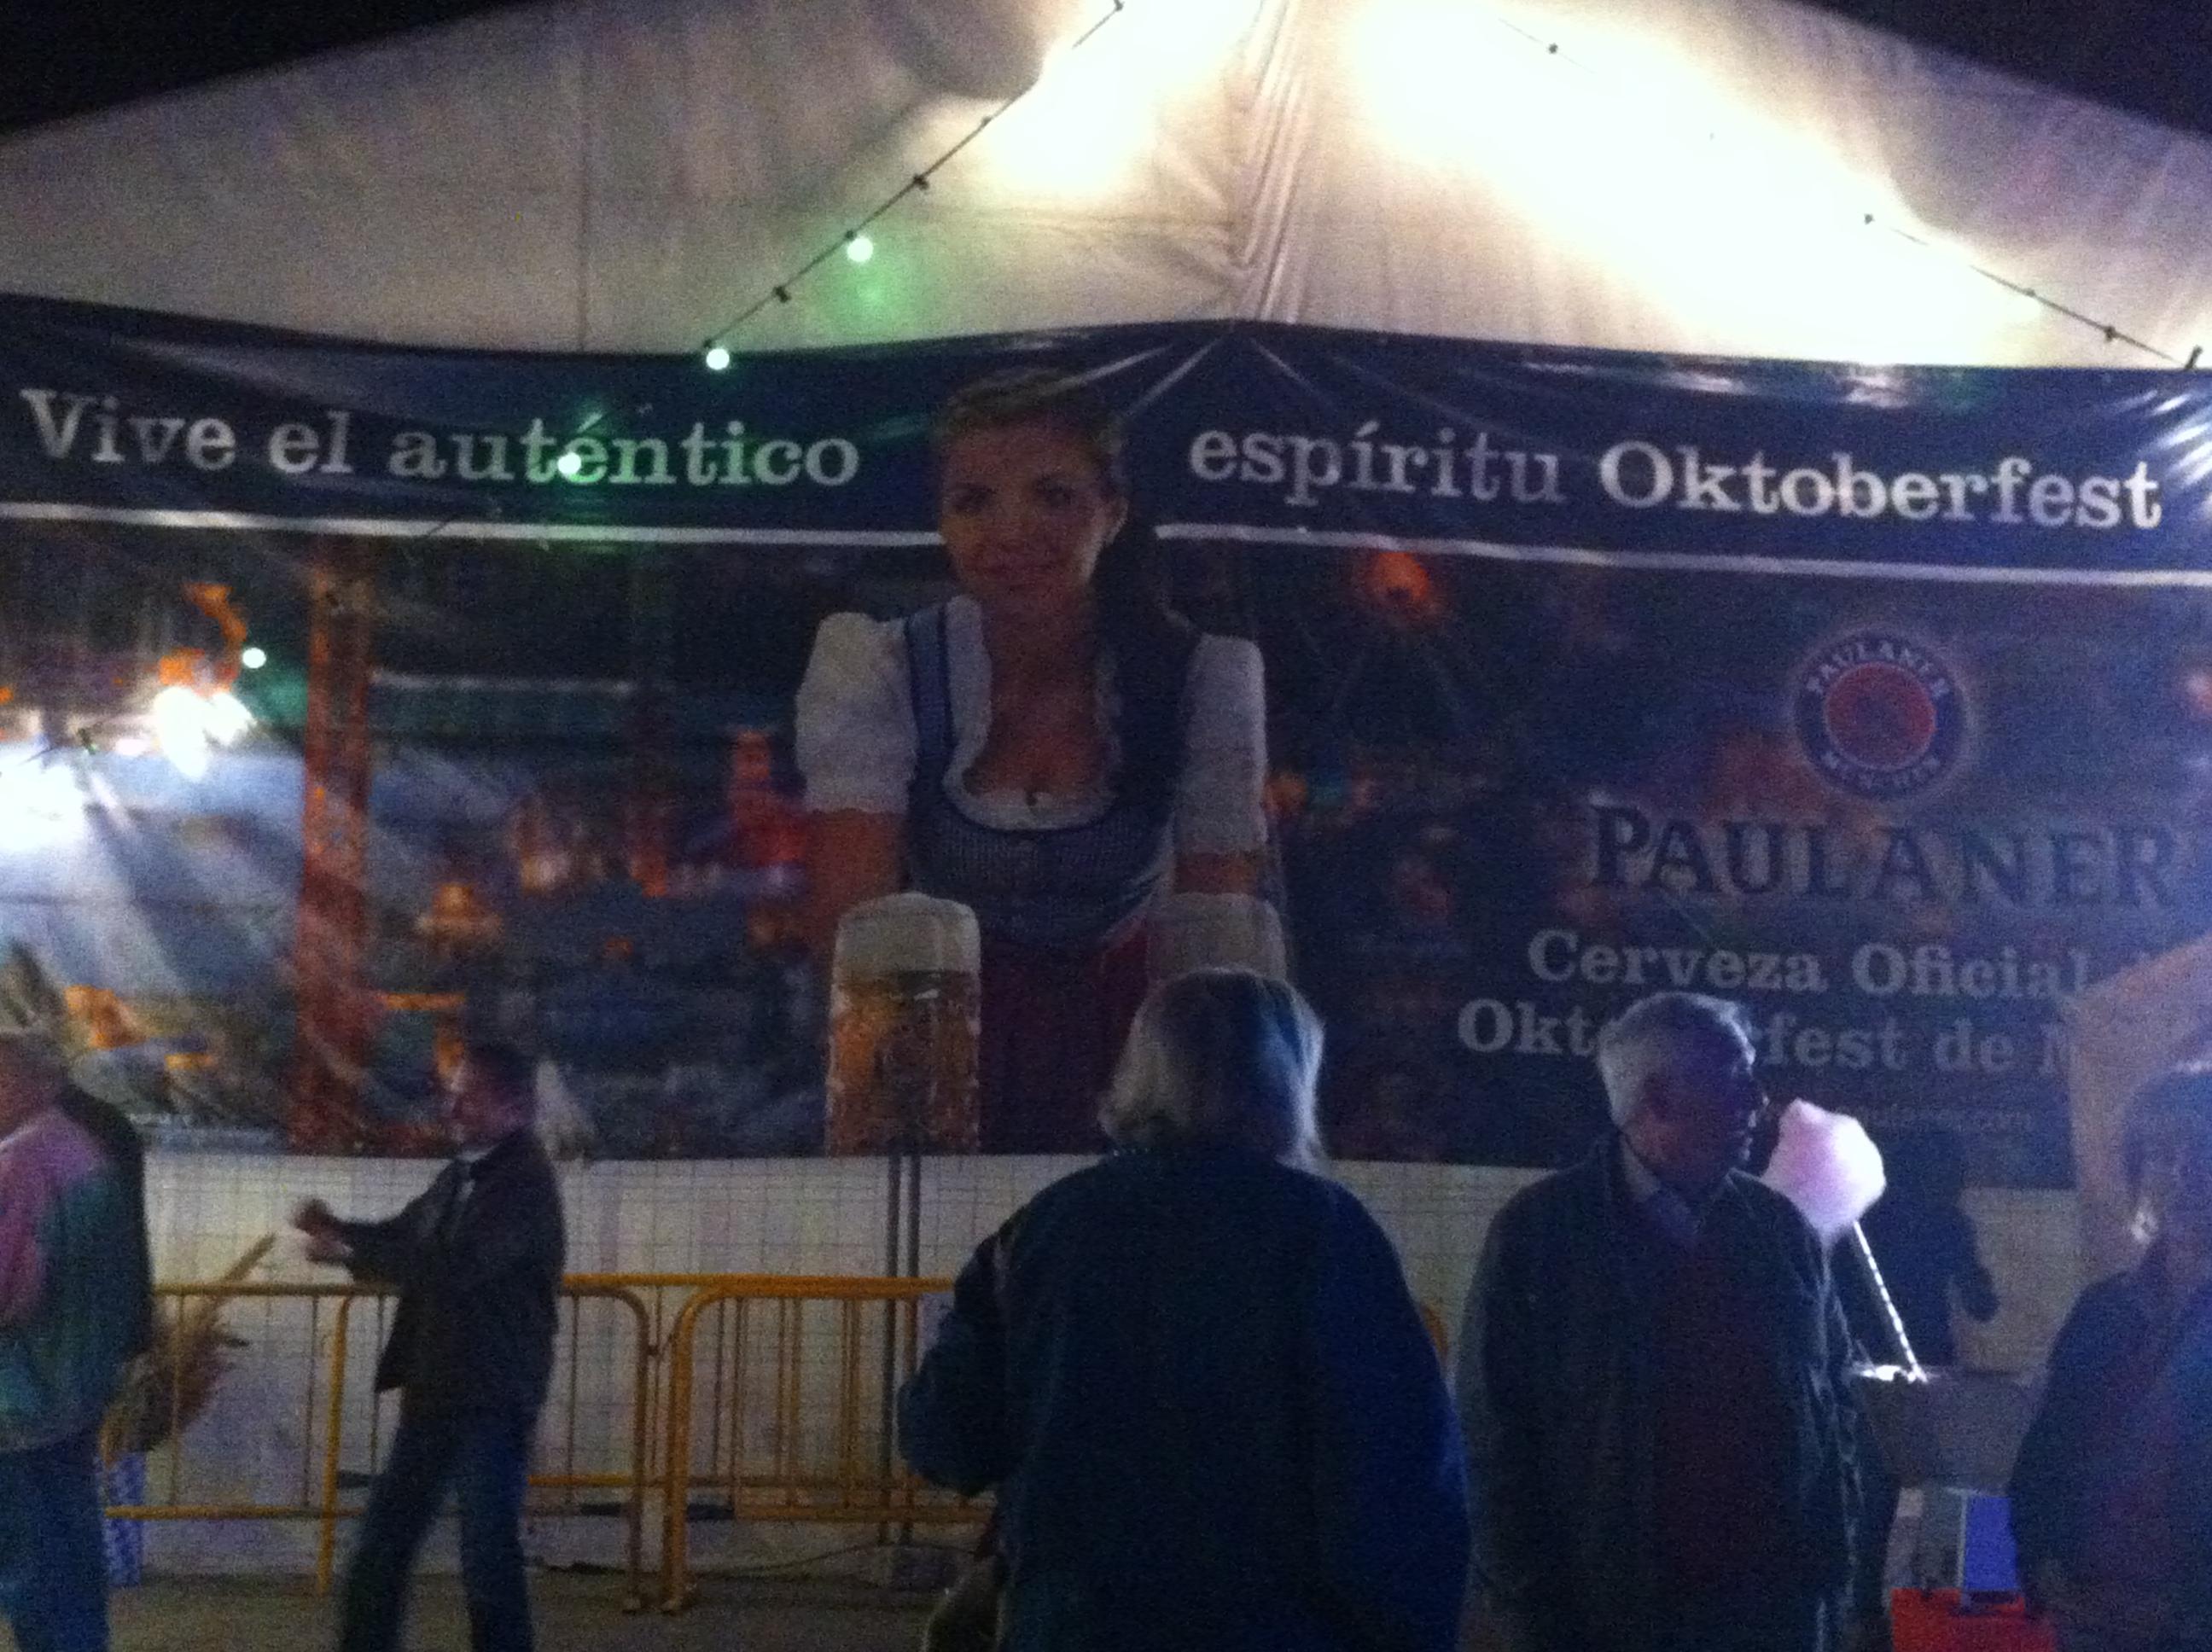 Espíritu de alegría …25 Jahre Oktoberfest Calpe – Fiesta de la Cerveza 2012, Mario Schumacher Blog